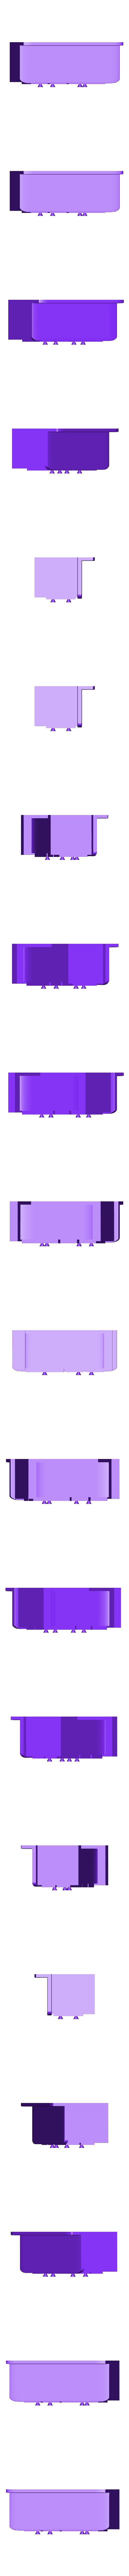 Luis_Furniture_drawers_3.stl Télécharger fichier STL gratuit Ensemble de meubles inspiré par Wolfenstein pour le jeu de guerre • Modèle pour imprimante 3D, El_Mutanto